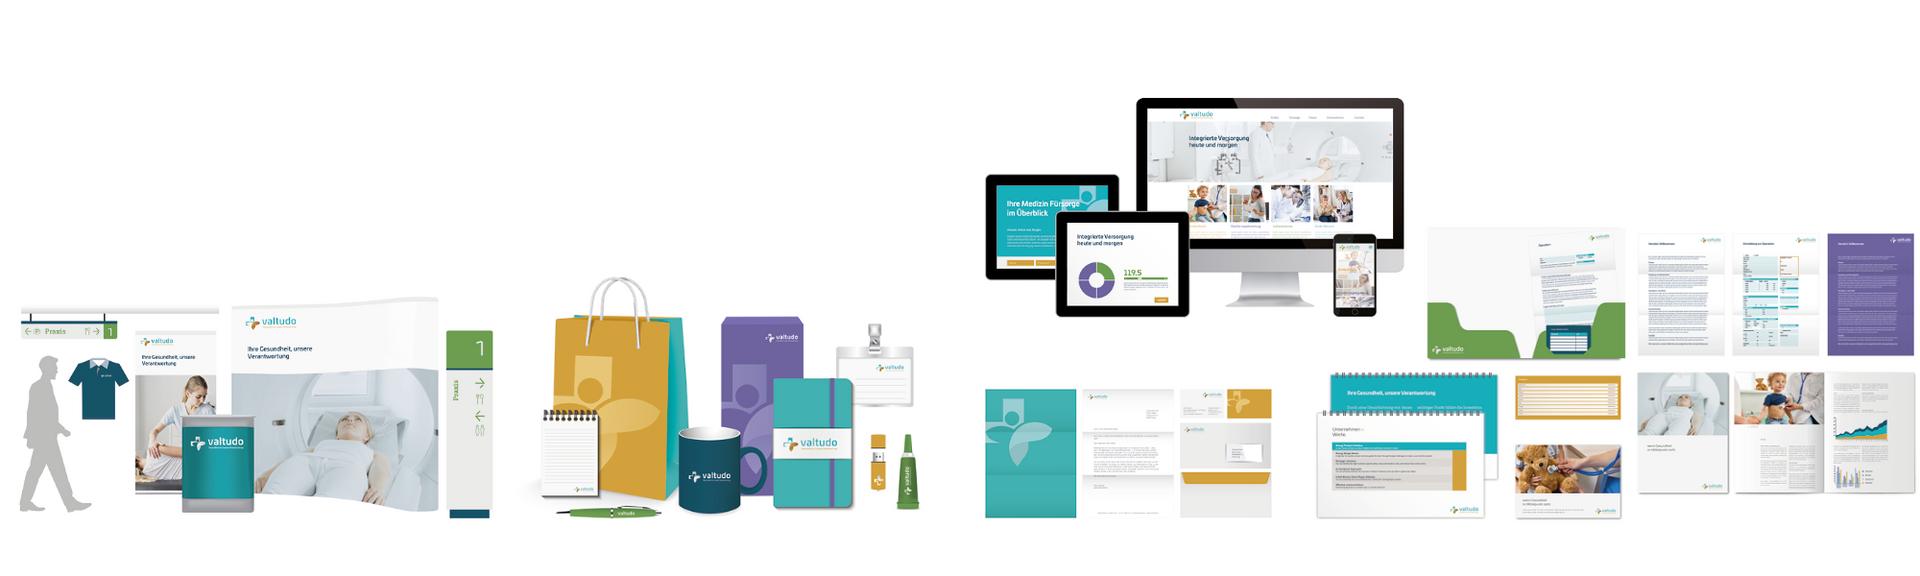 Corporate Design Lösung für Gesundheit